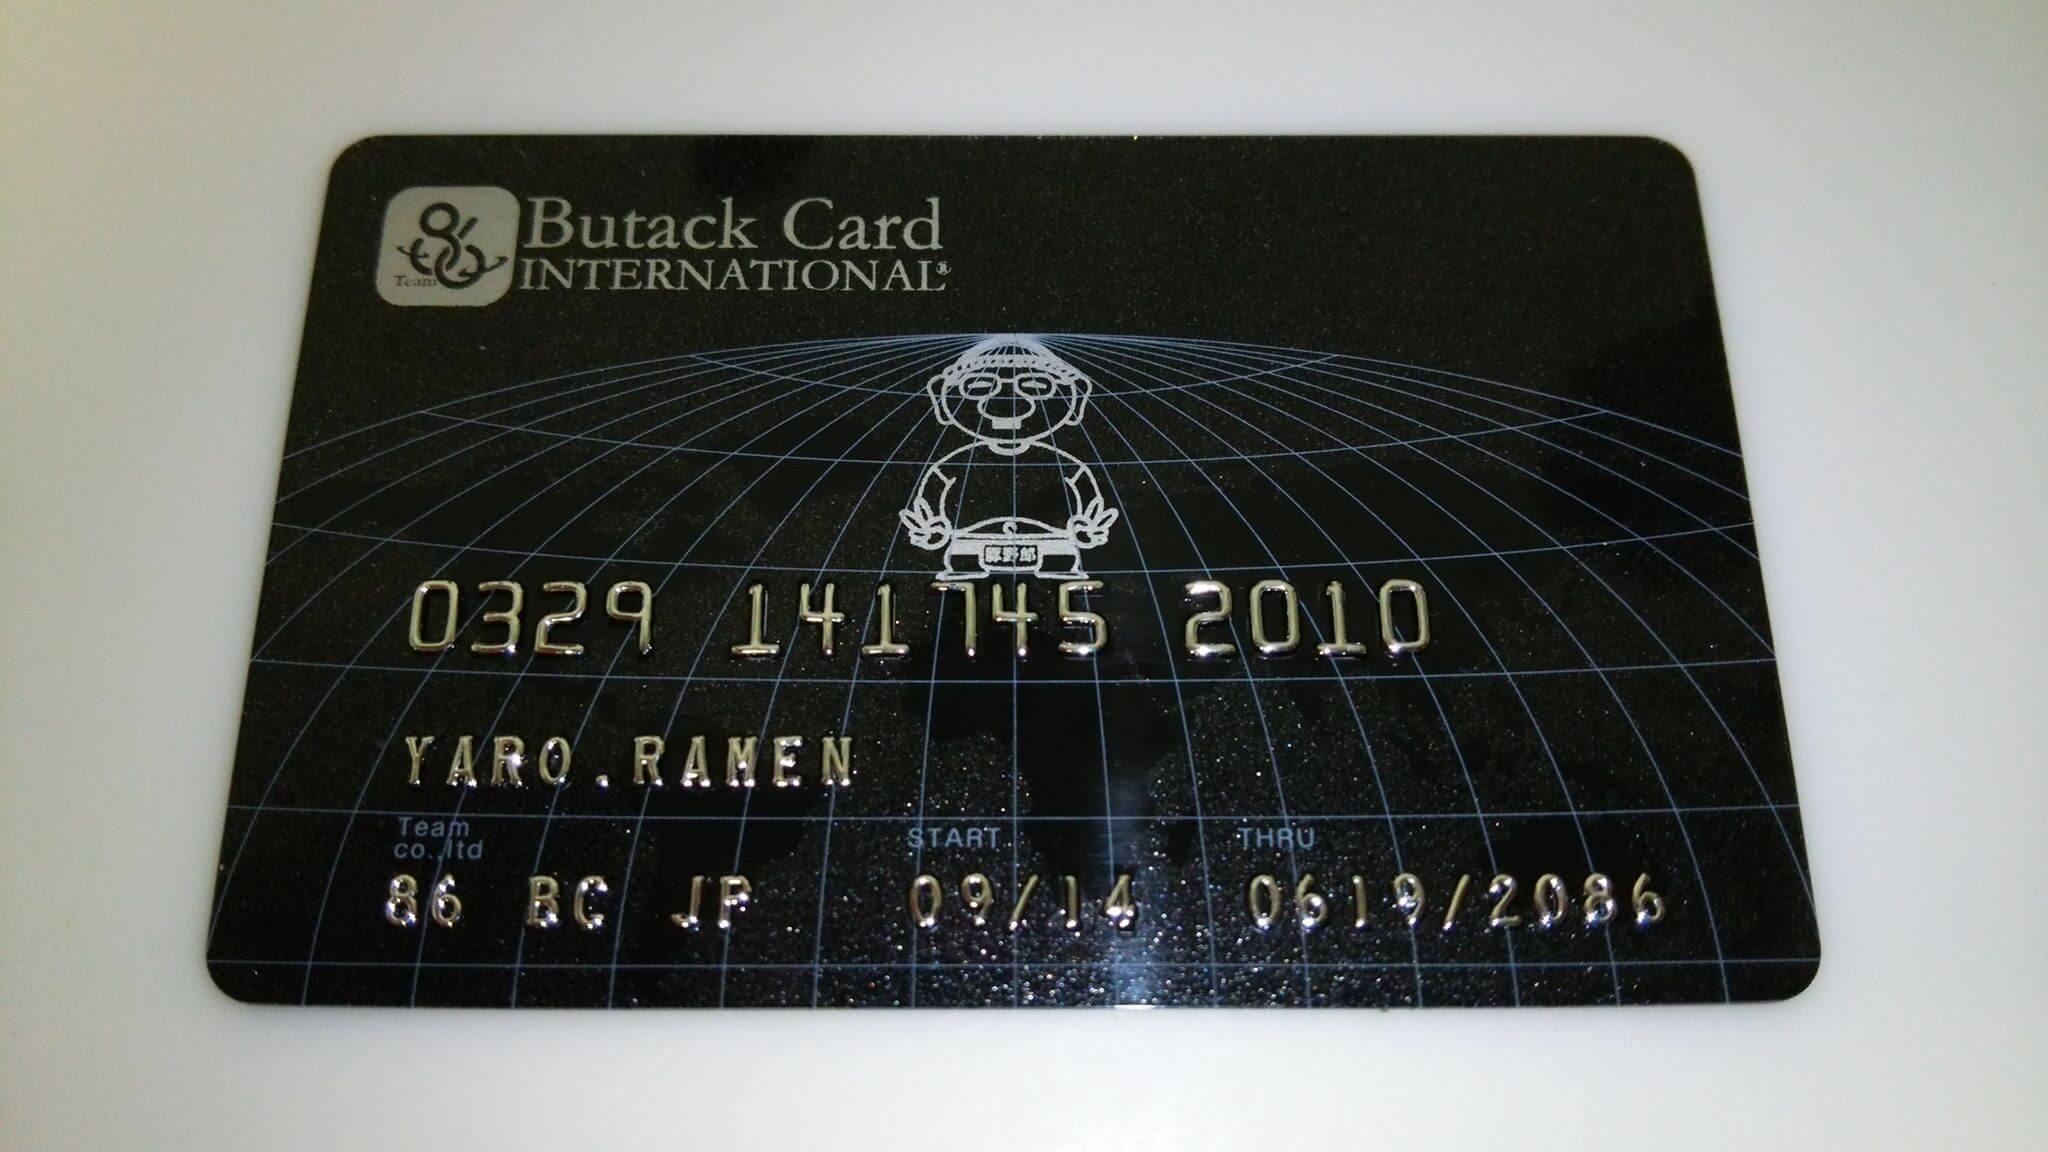 野郎ラーメン ブタックカード yaro_ramen Butack card (3)